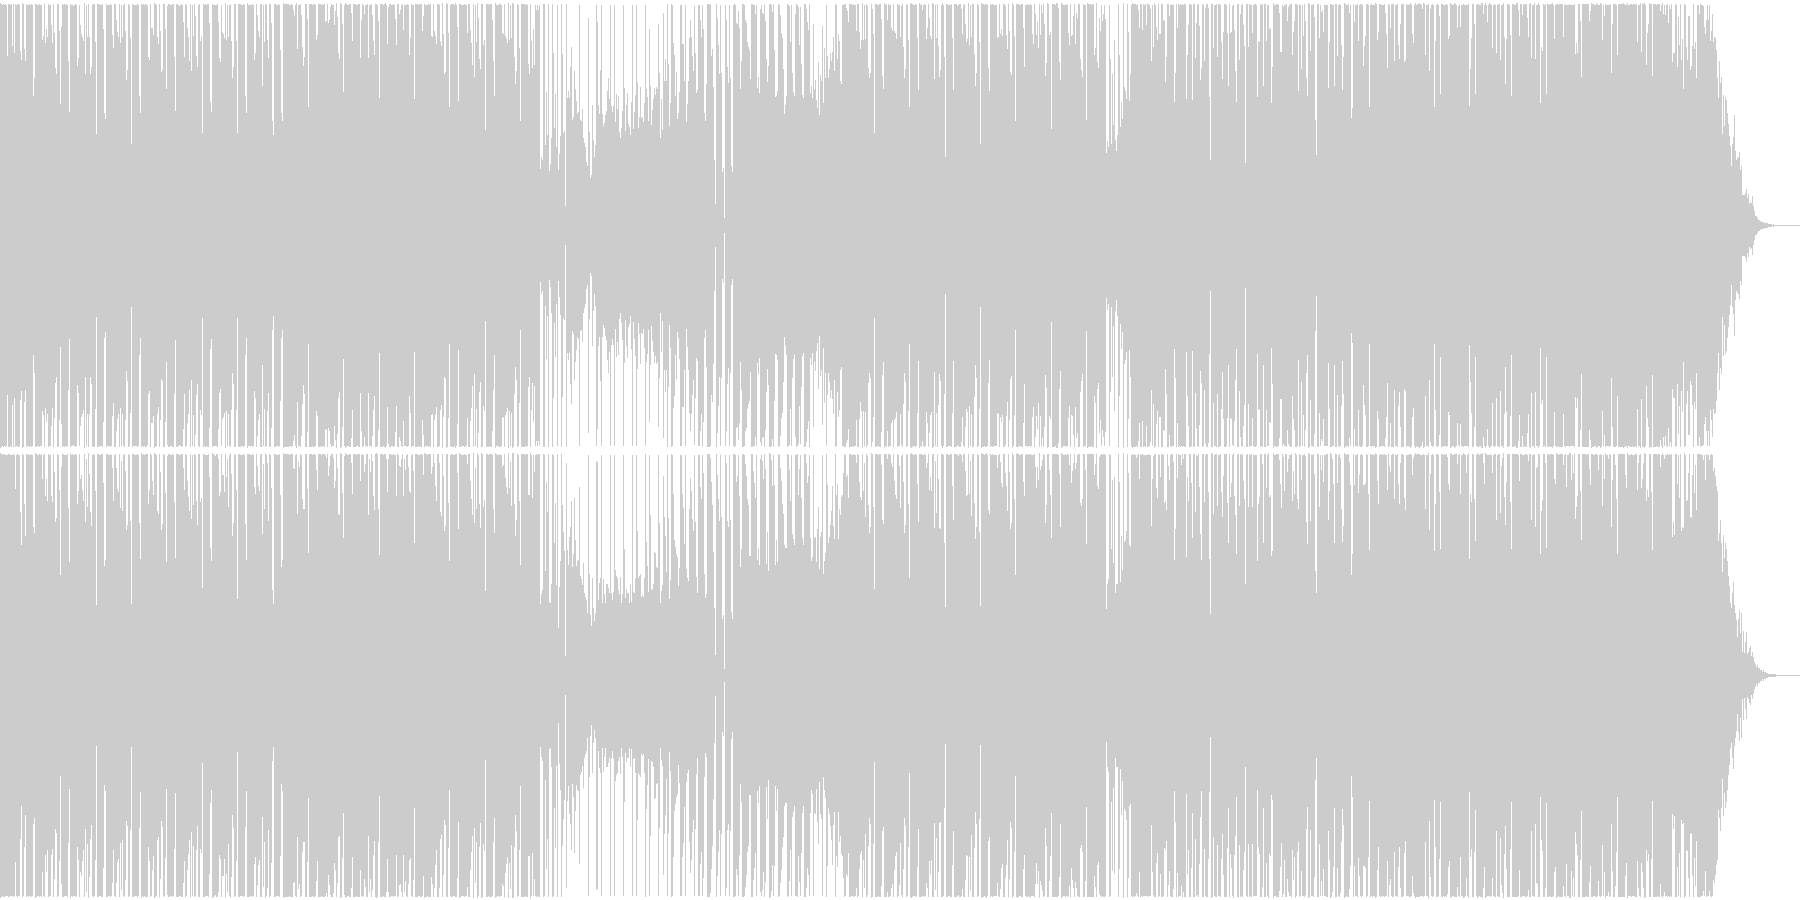 エモーショナルなトランスBGMの未再生の波形